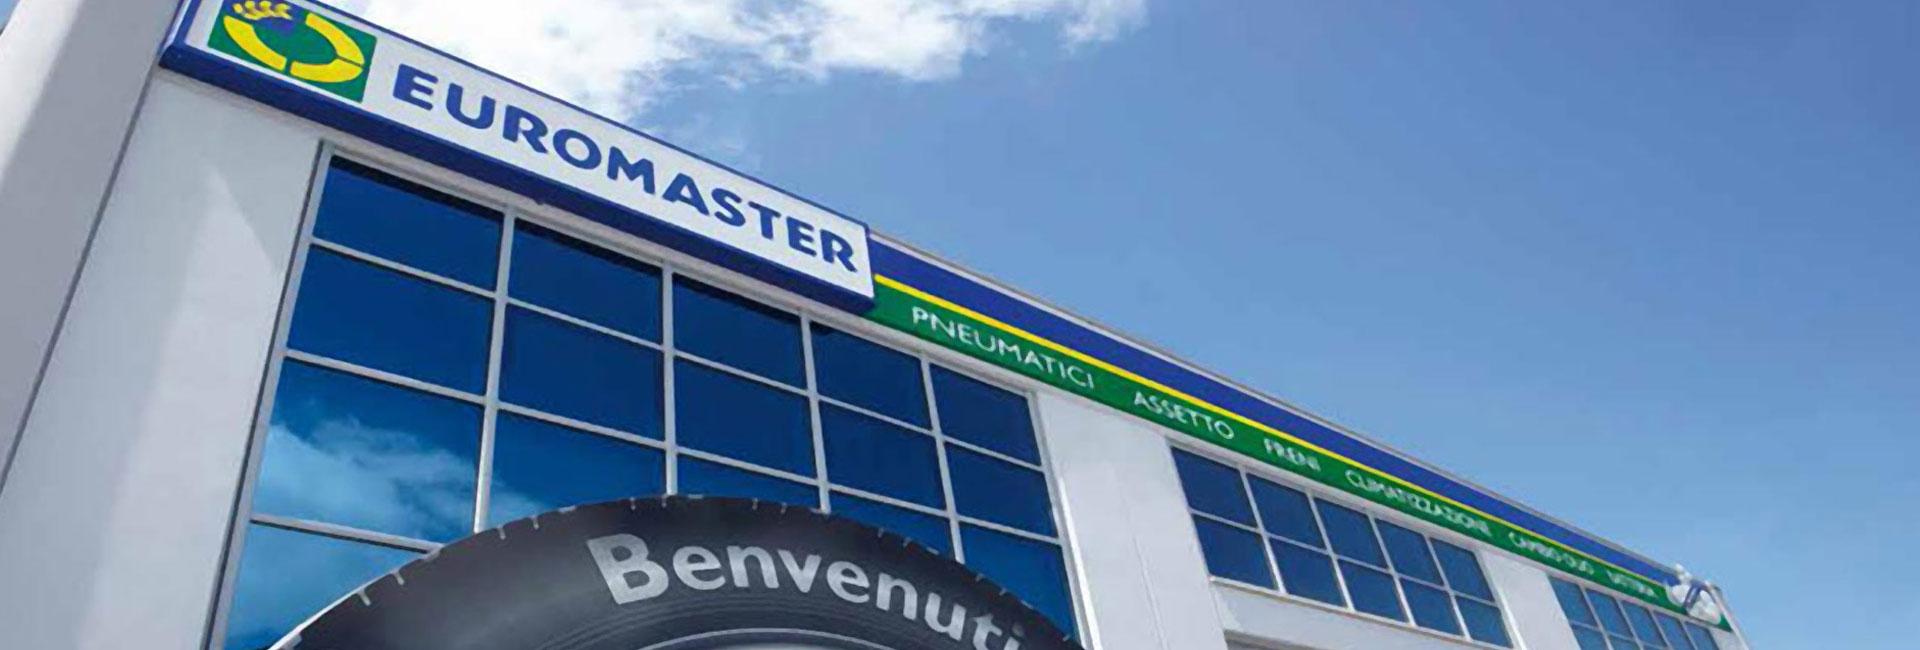 centro euromaster contigliano-rieti